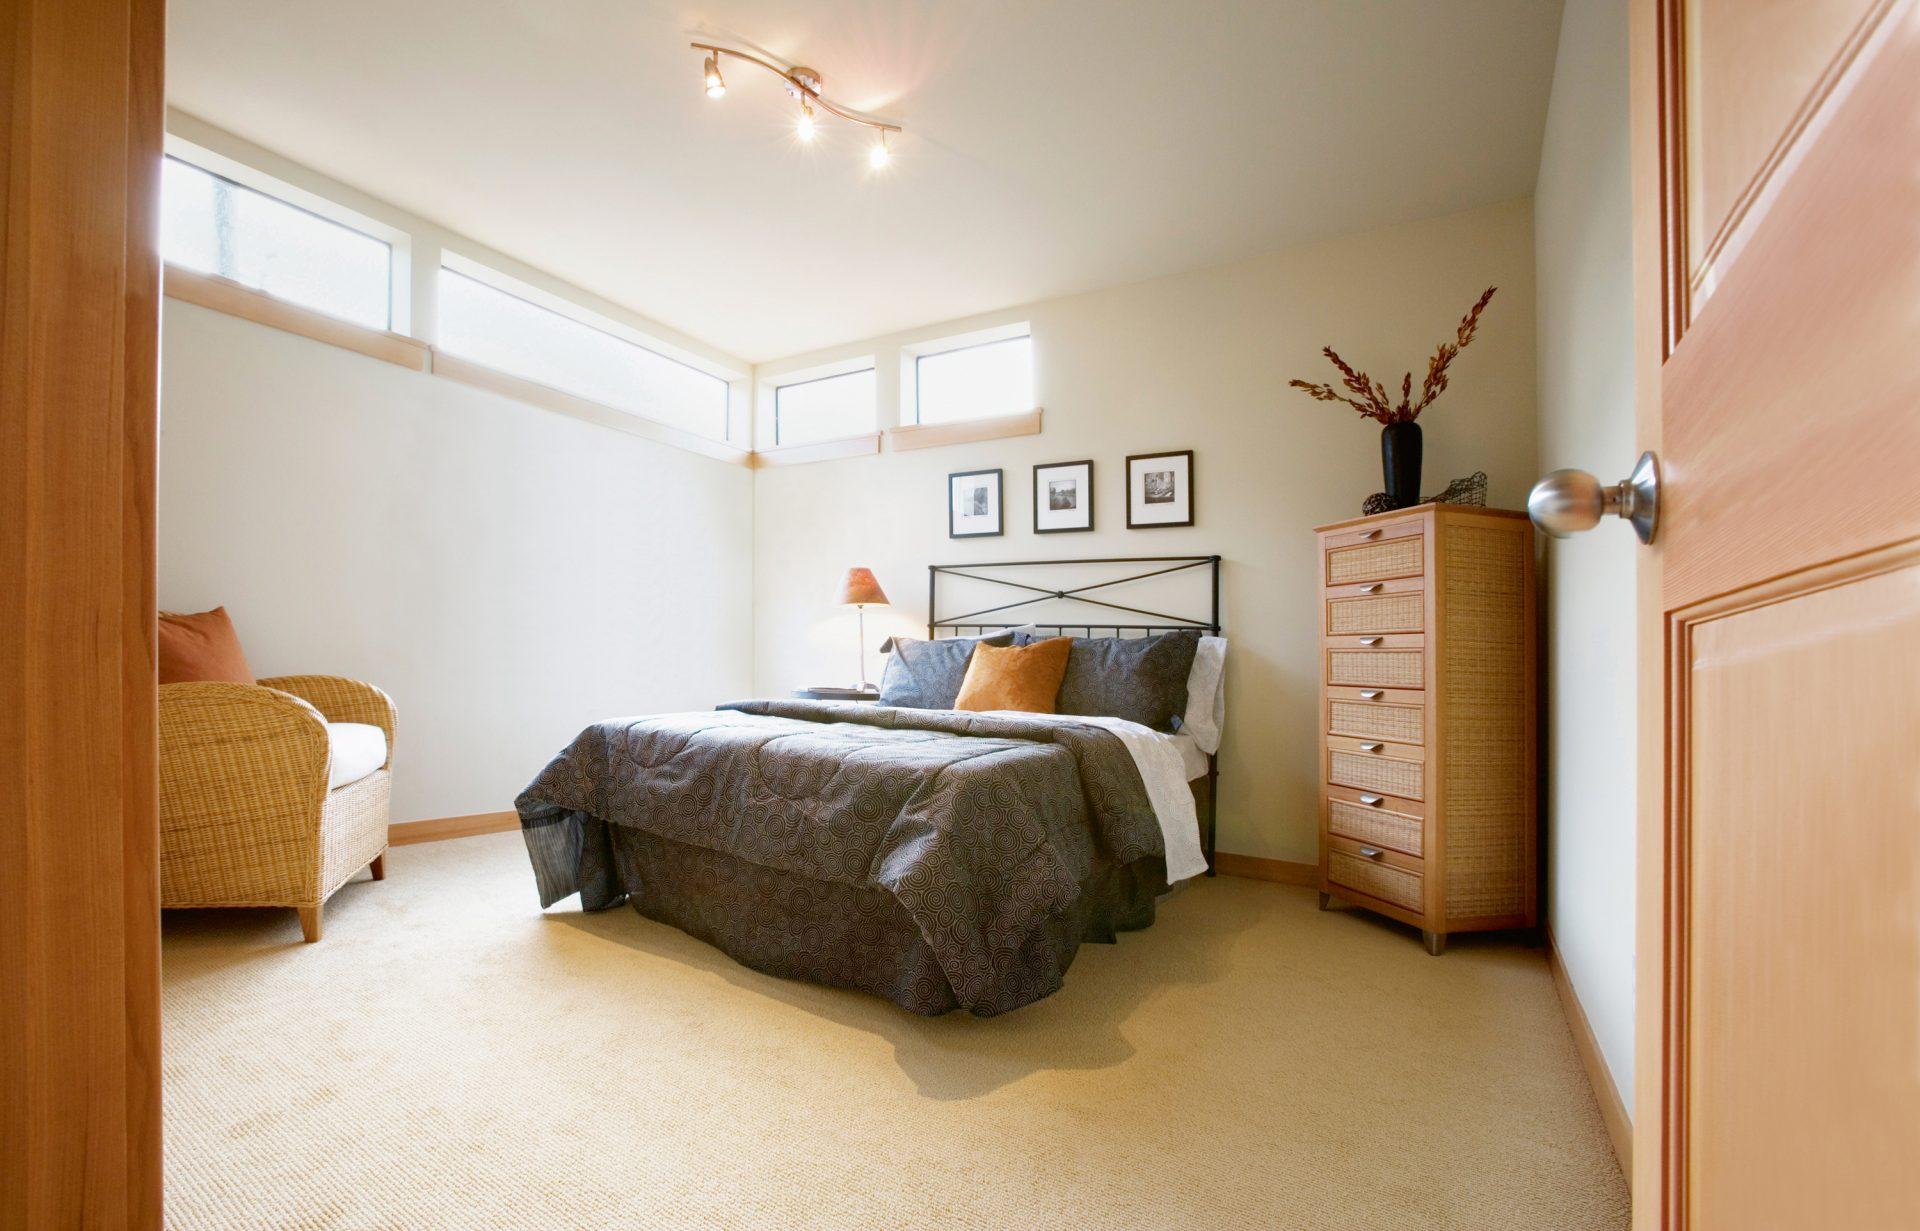 vankuse-postel-nabytok-prirodzene-osvetlenie-obrazy-dekoracie